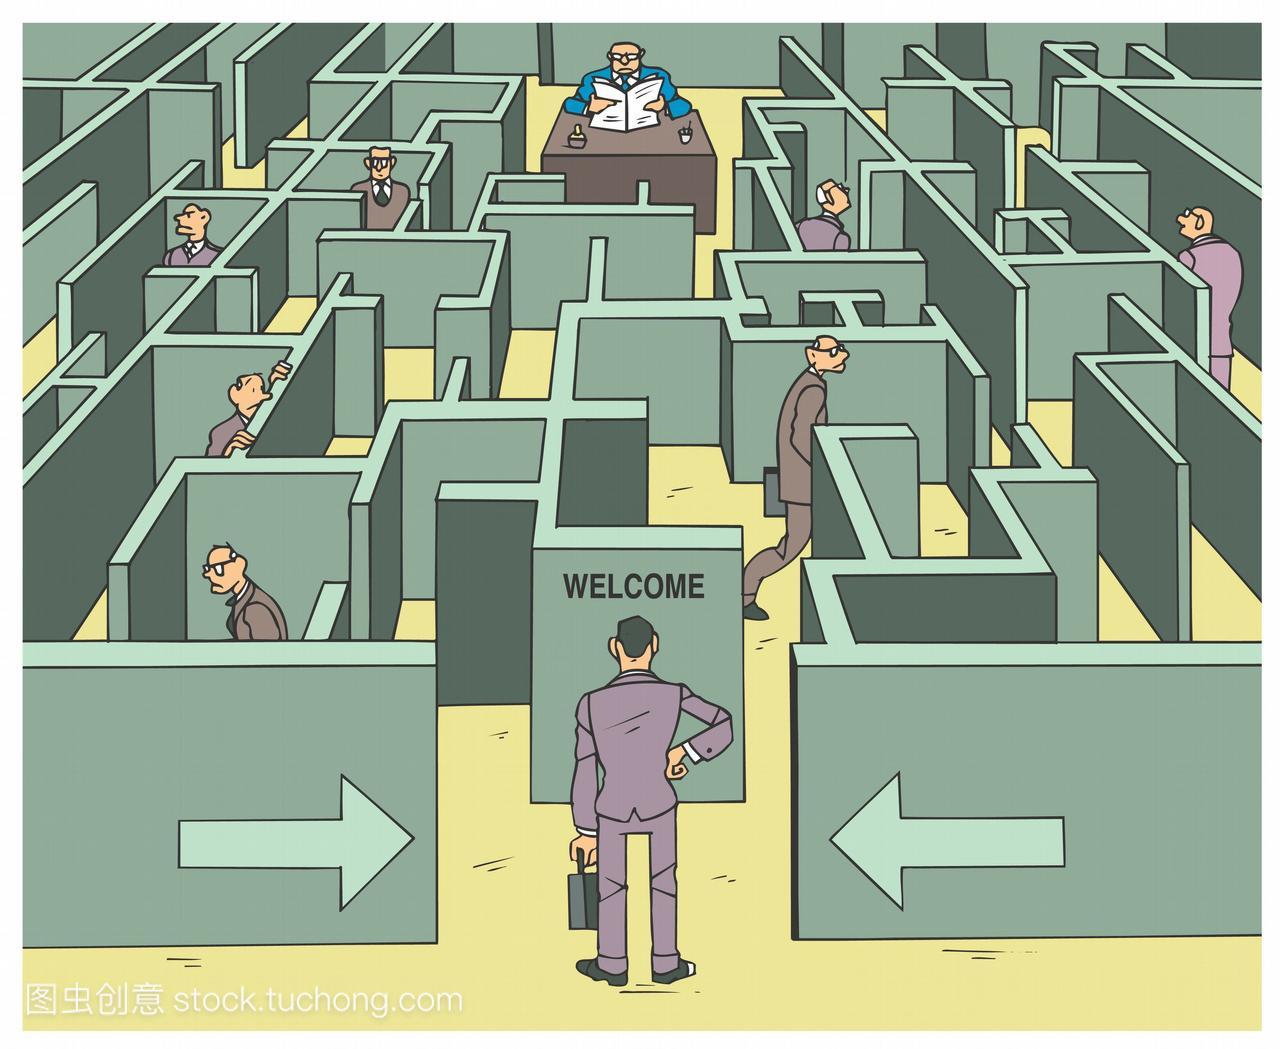 行政,比利时,首席执行官,漫画,漫画,比荷卢迷宫的熊胖经济克隆我图片